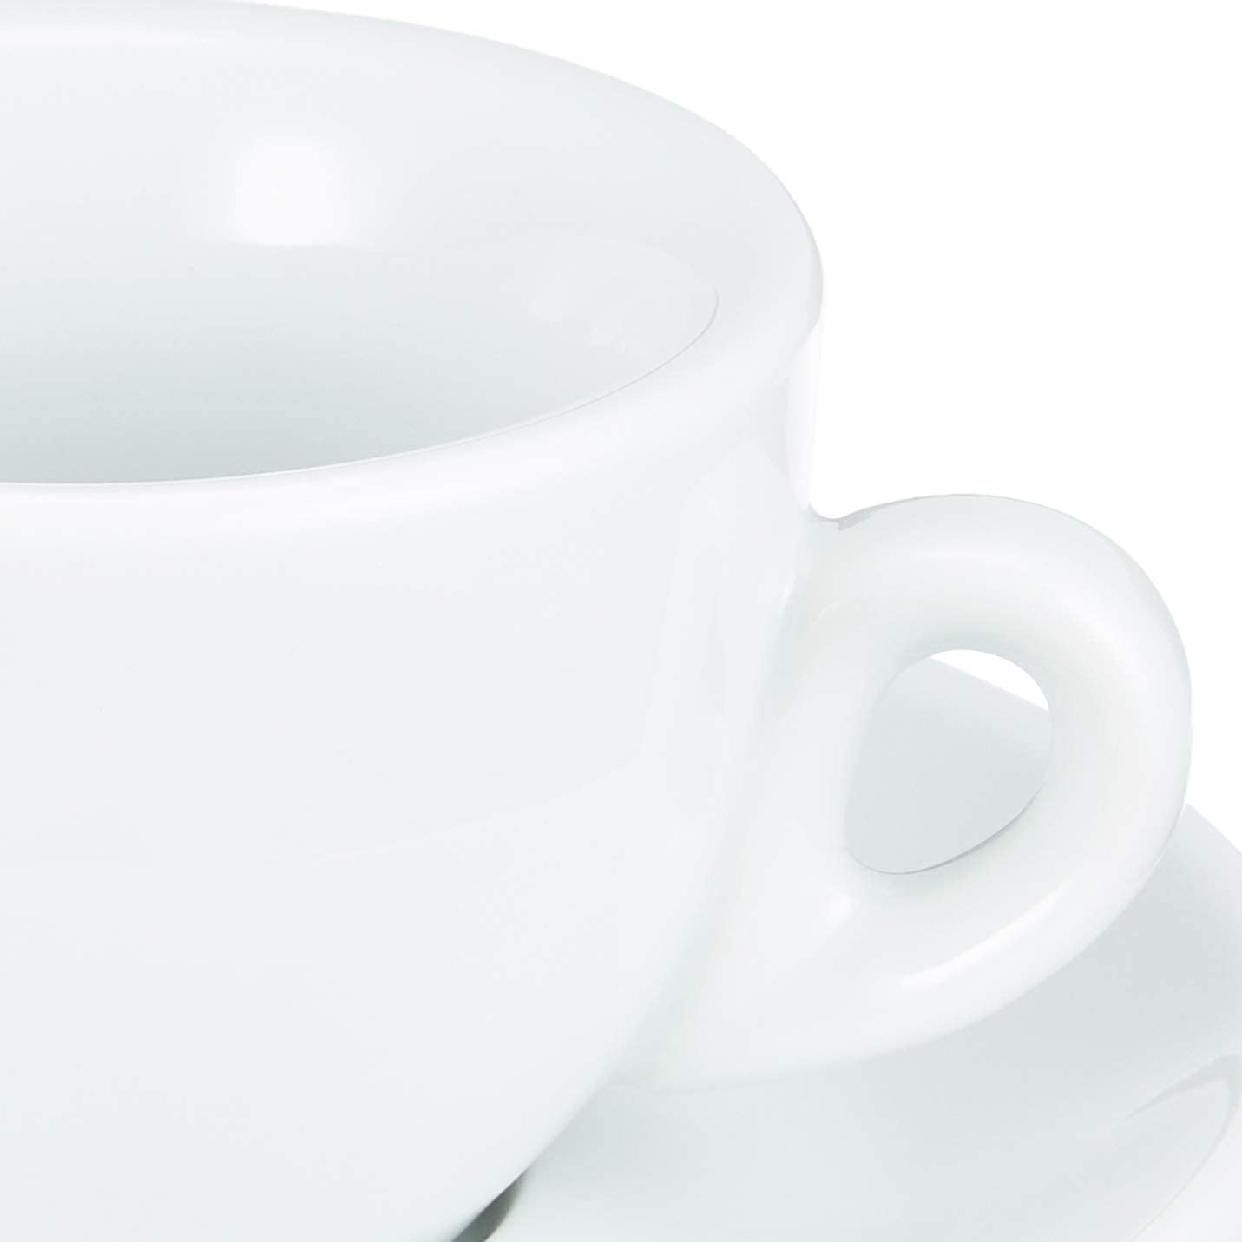 Nuova Point(ヌォーバポイント) エスプレッソカップ ソレント NP01の商品画像5